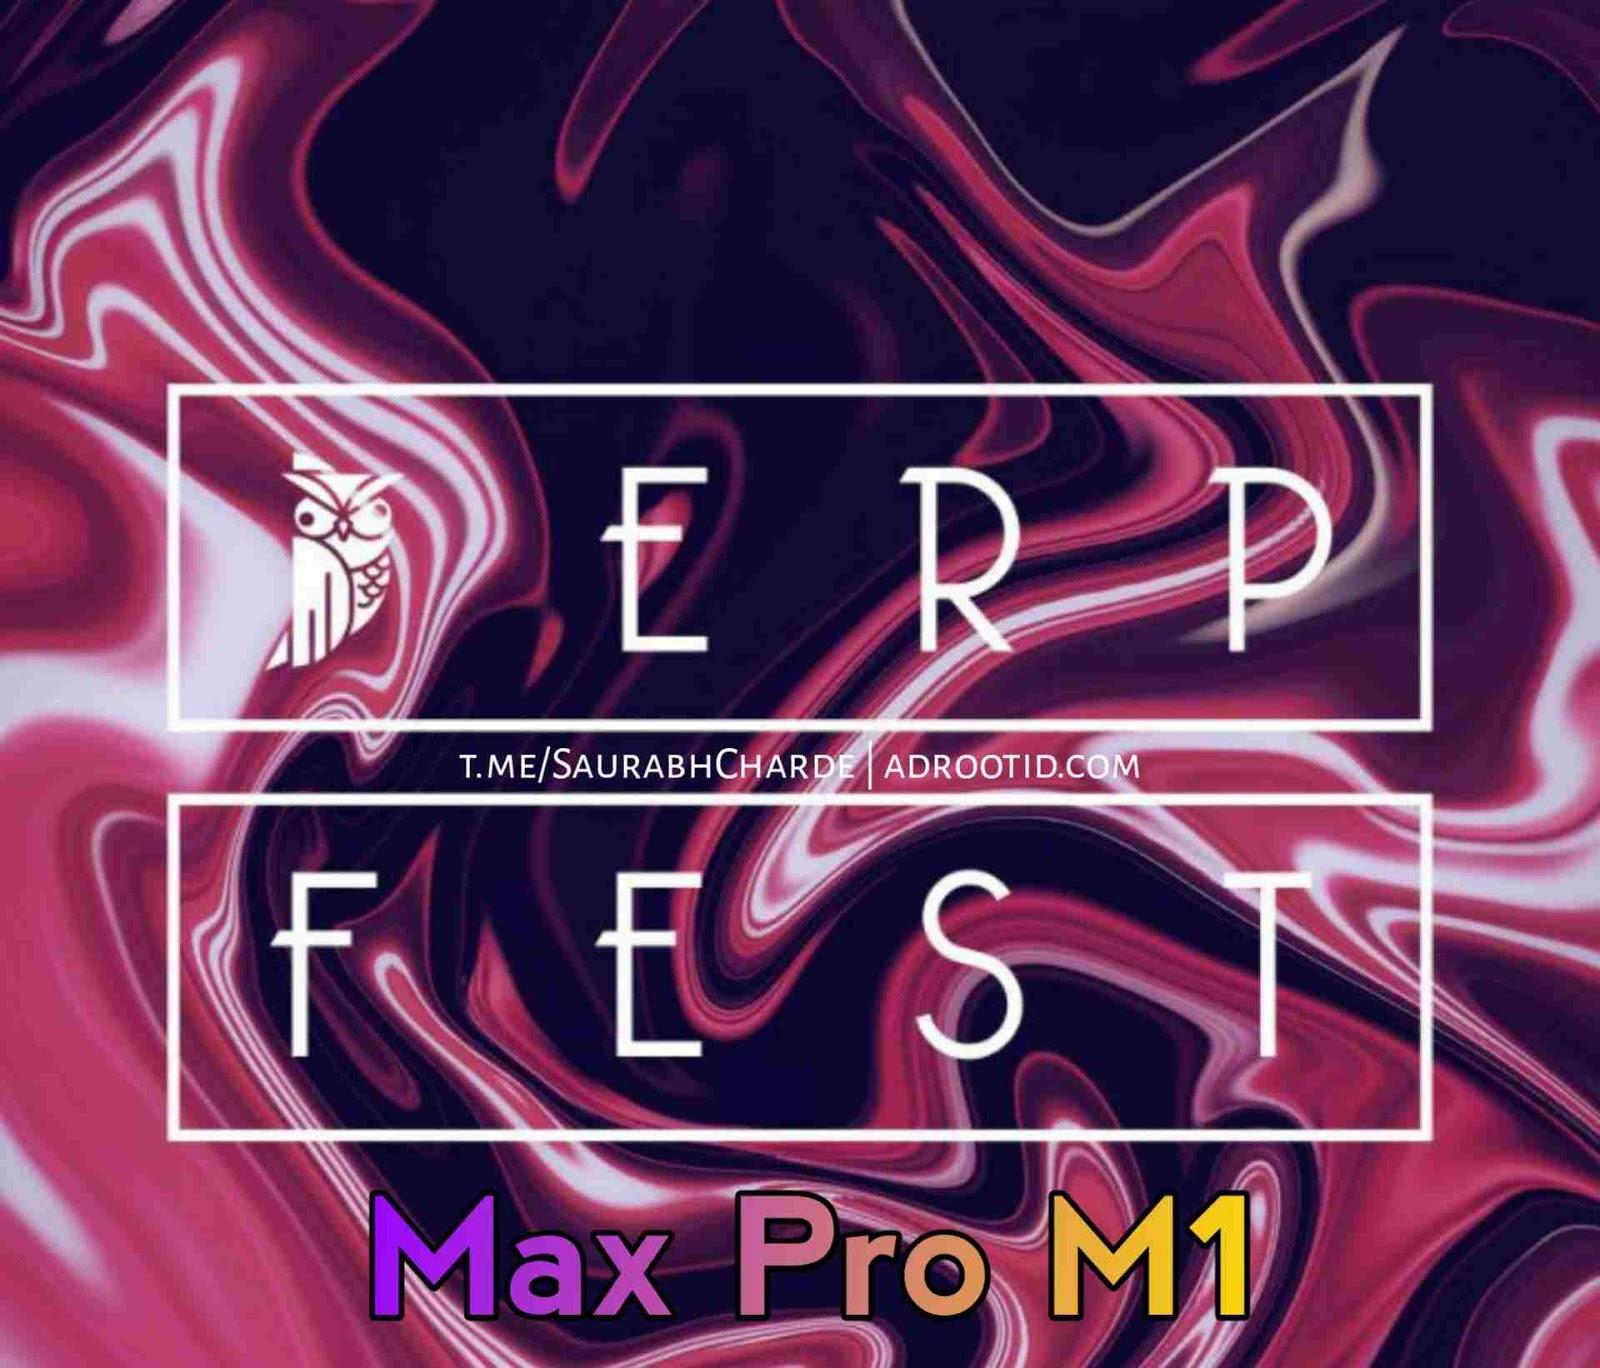 Aosip derpfest max pro m1